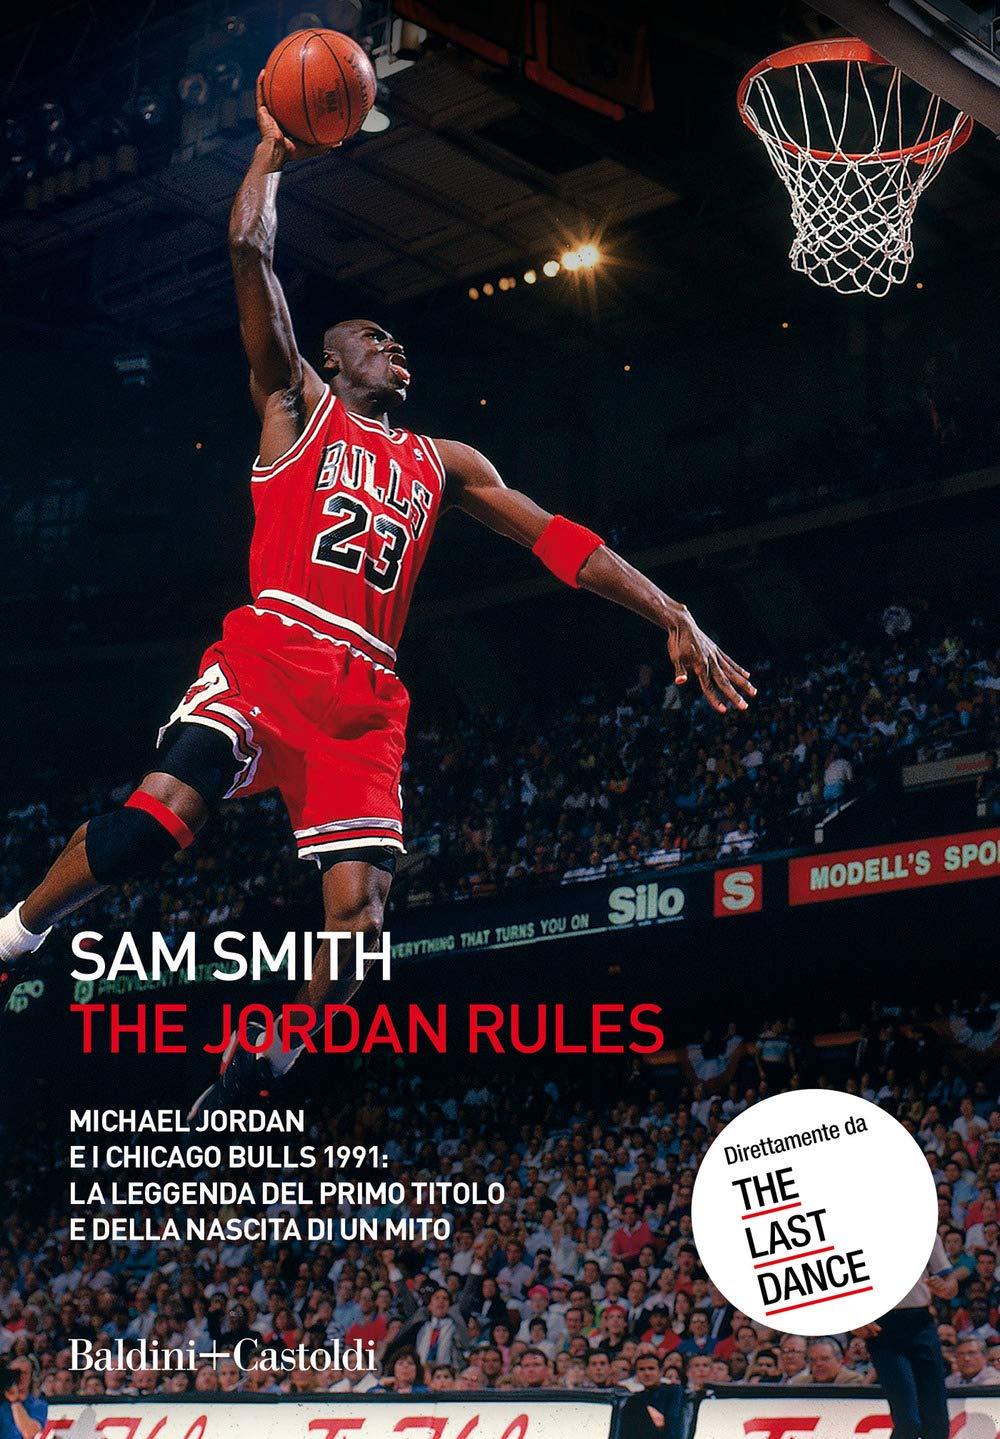 Recensione di The Jordan Rules – Sam Smith